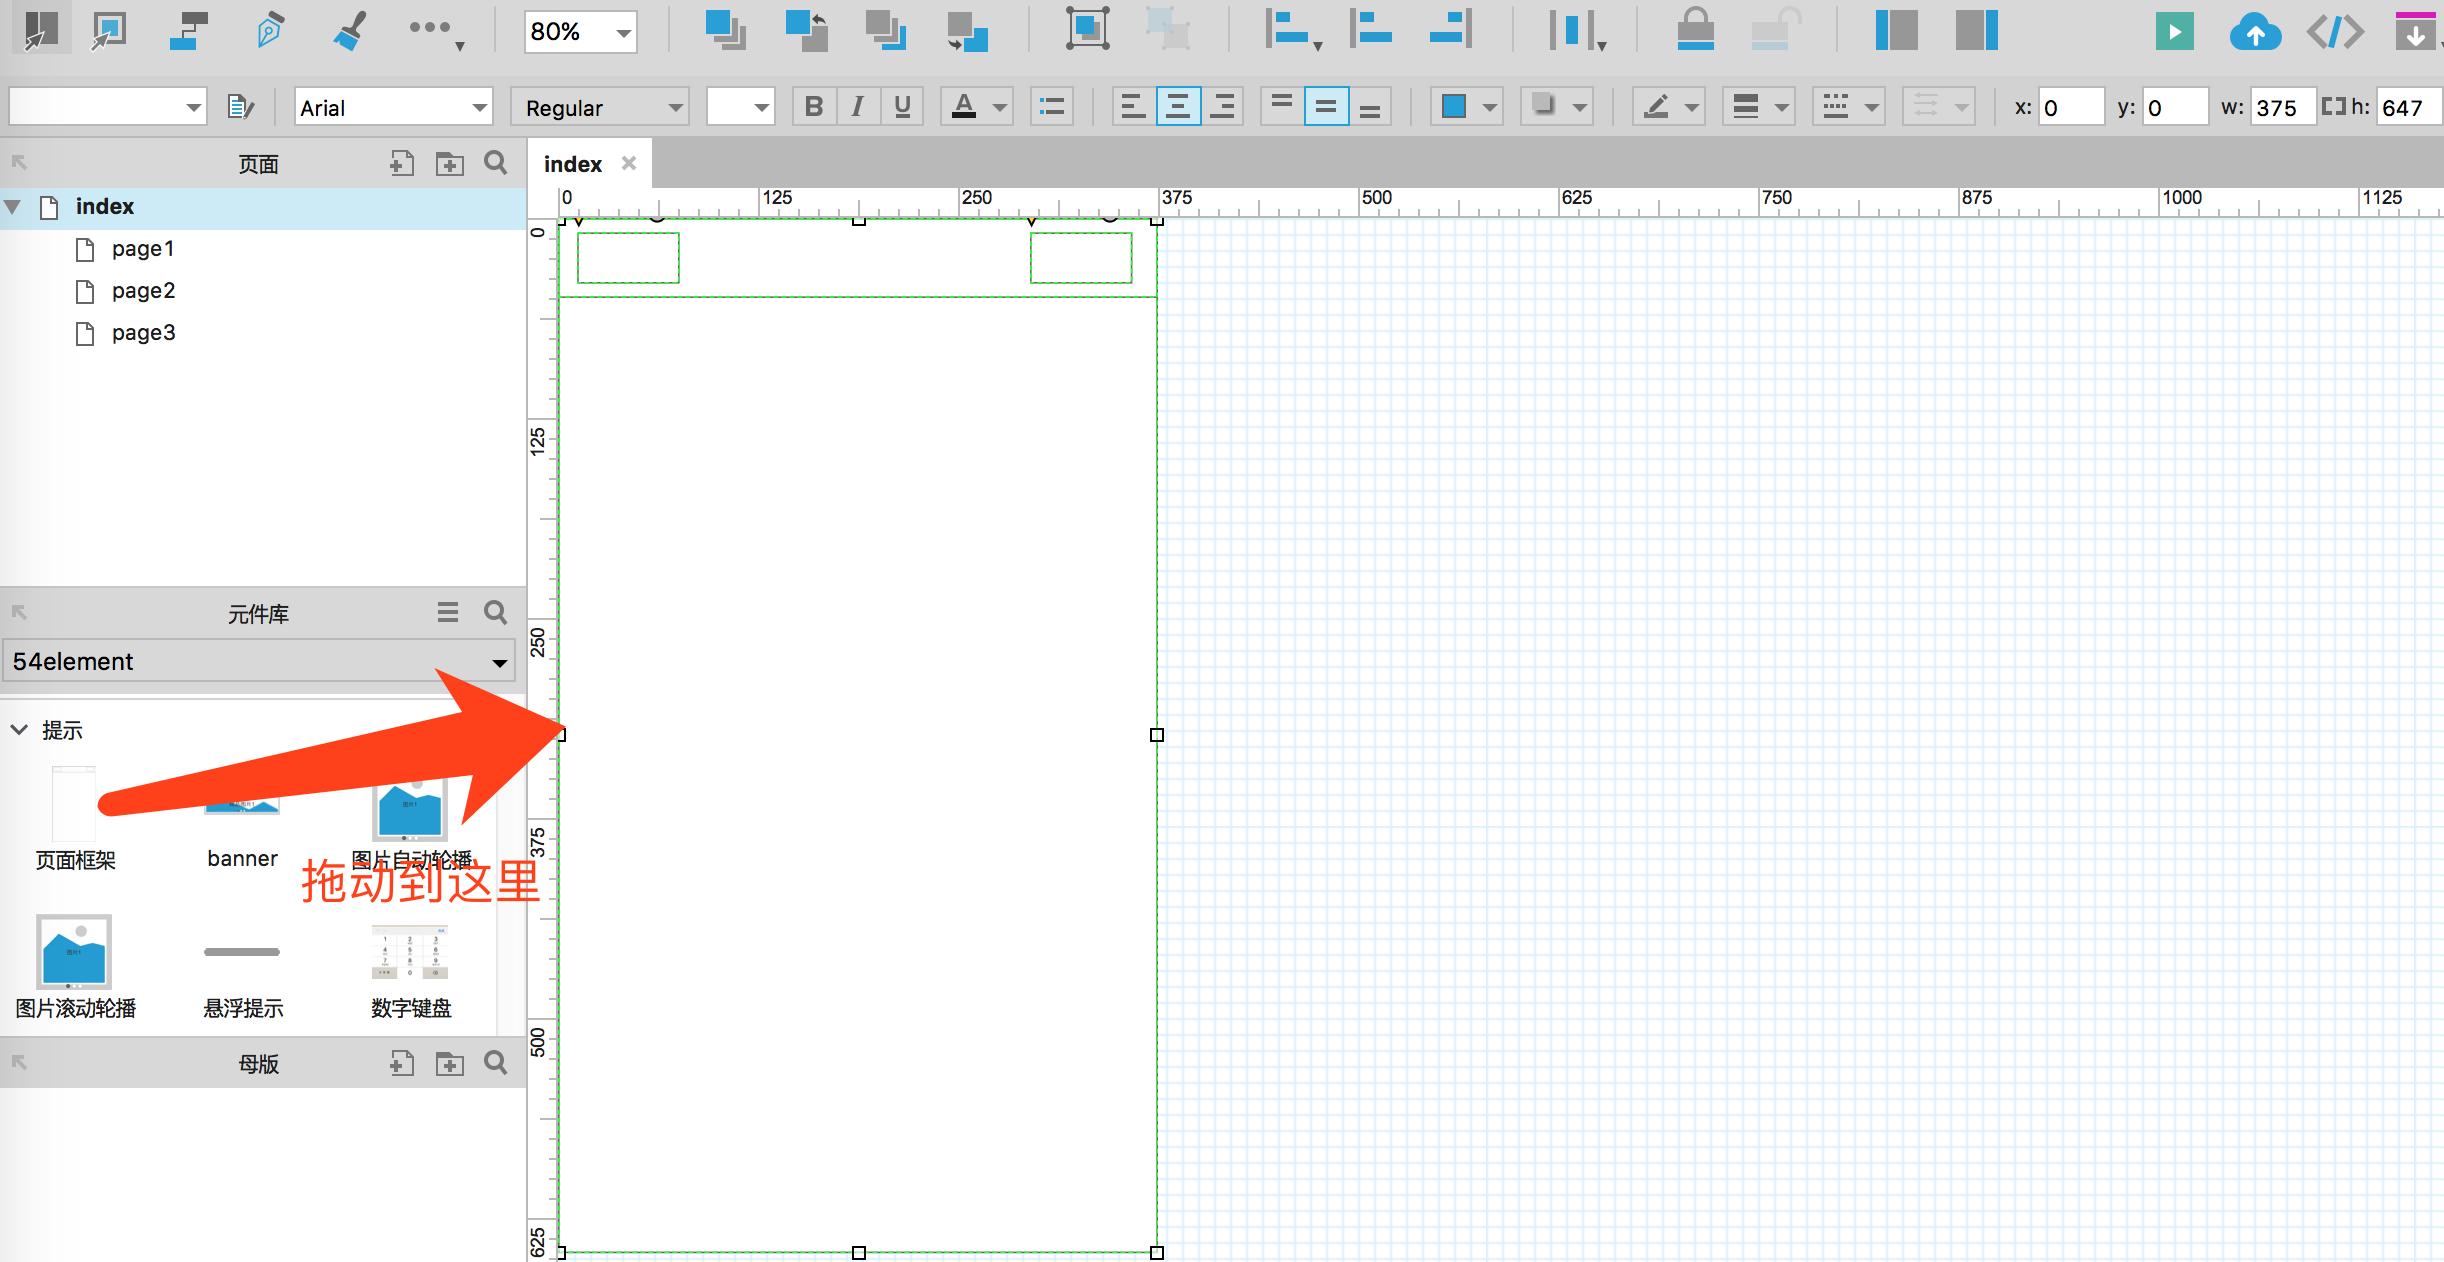 如何用axure画app原型尺寸(实操用axure制作网页的过程)